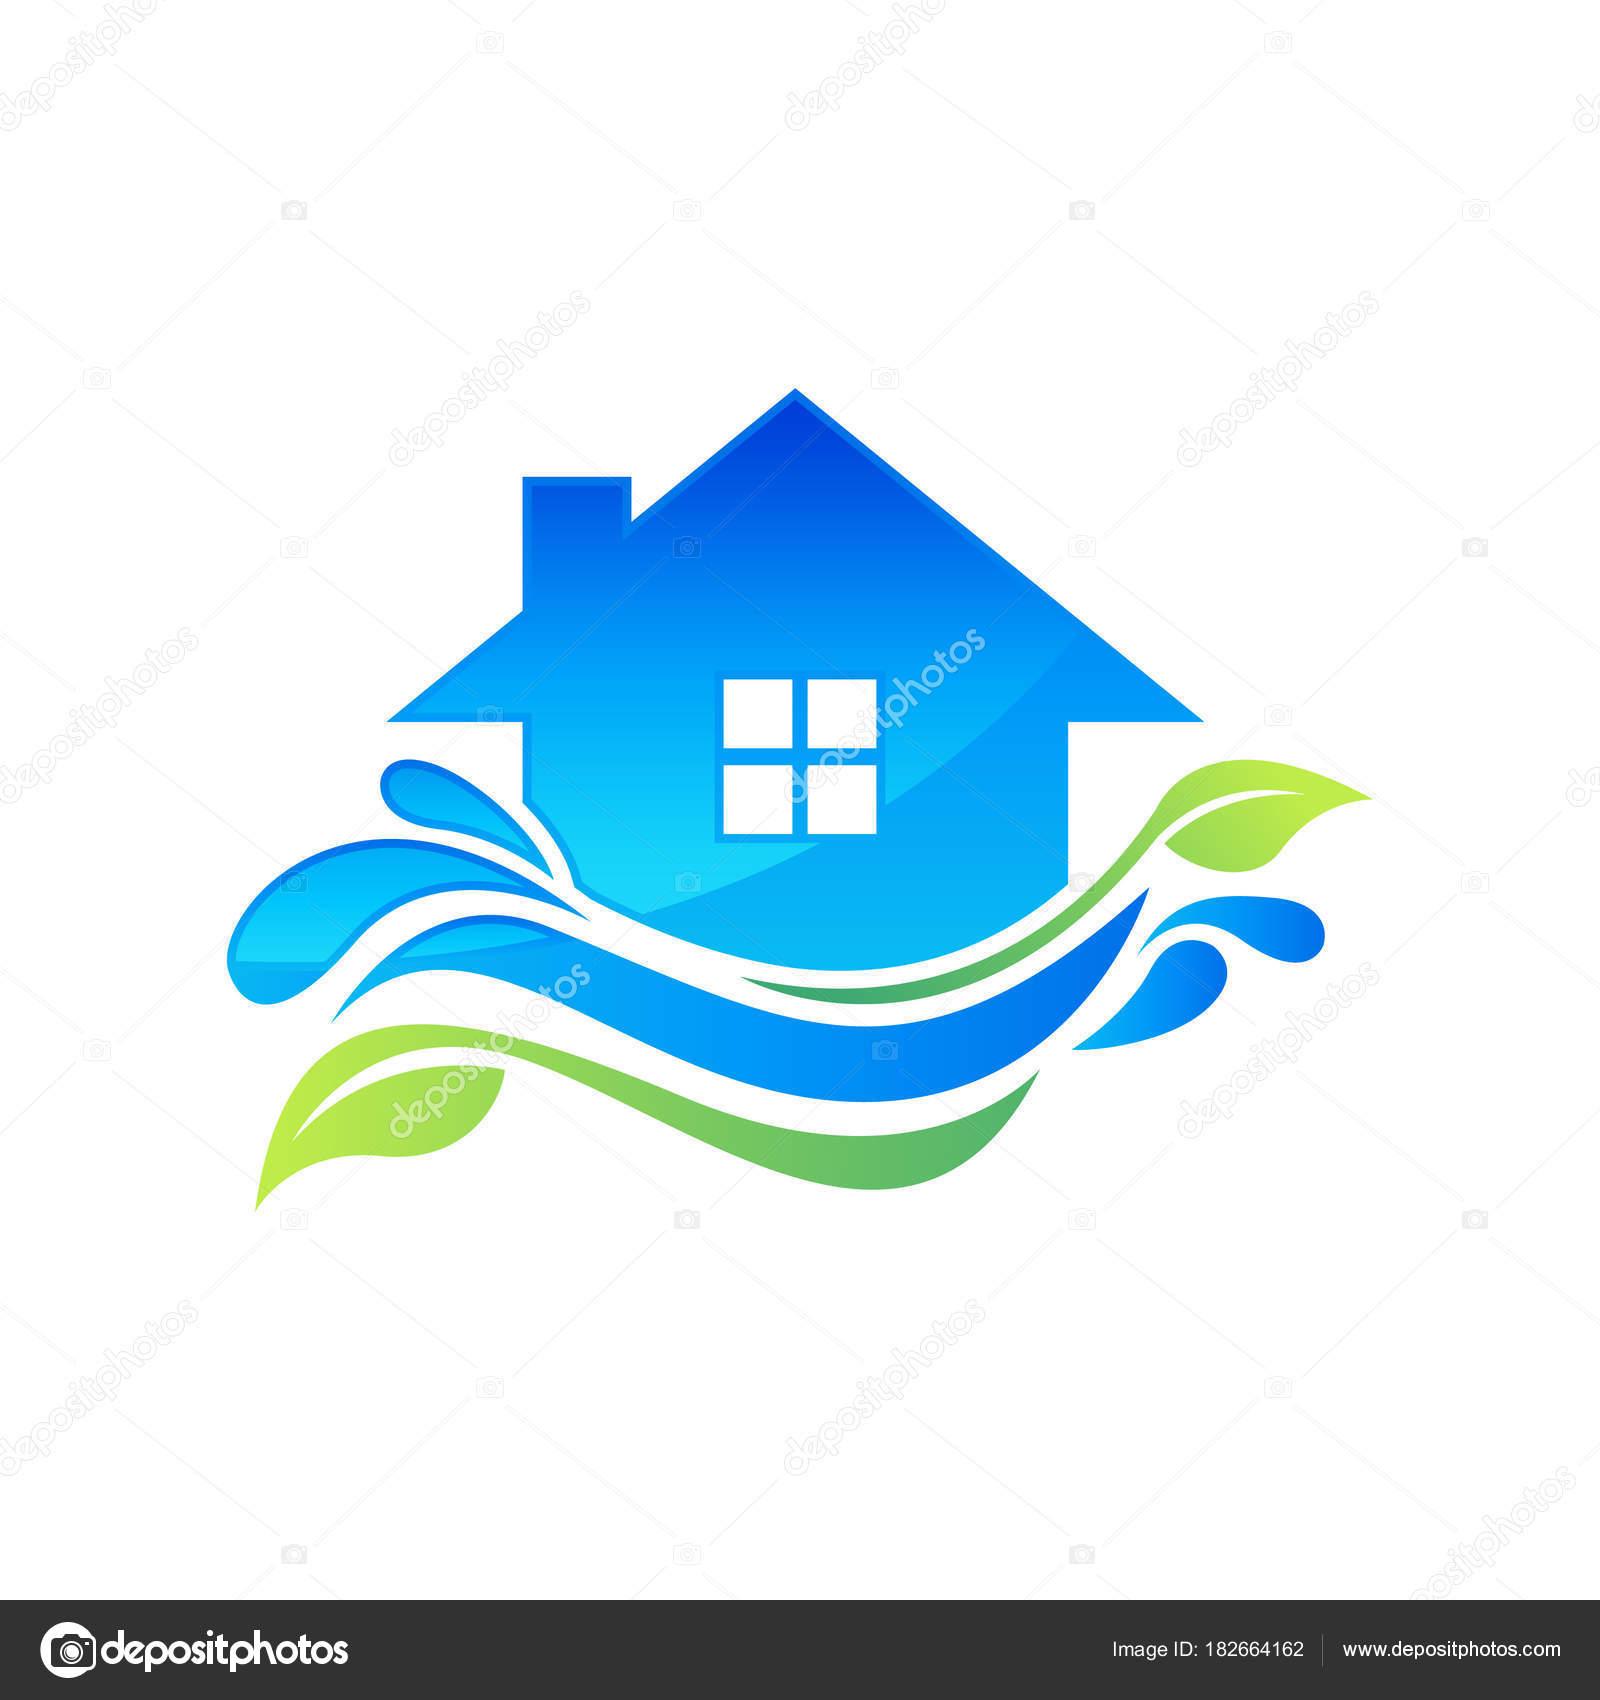 Logotipos para limpieza de casas limpieza servicio - Imagenes de limpieza de casas ...